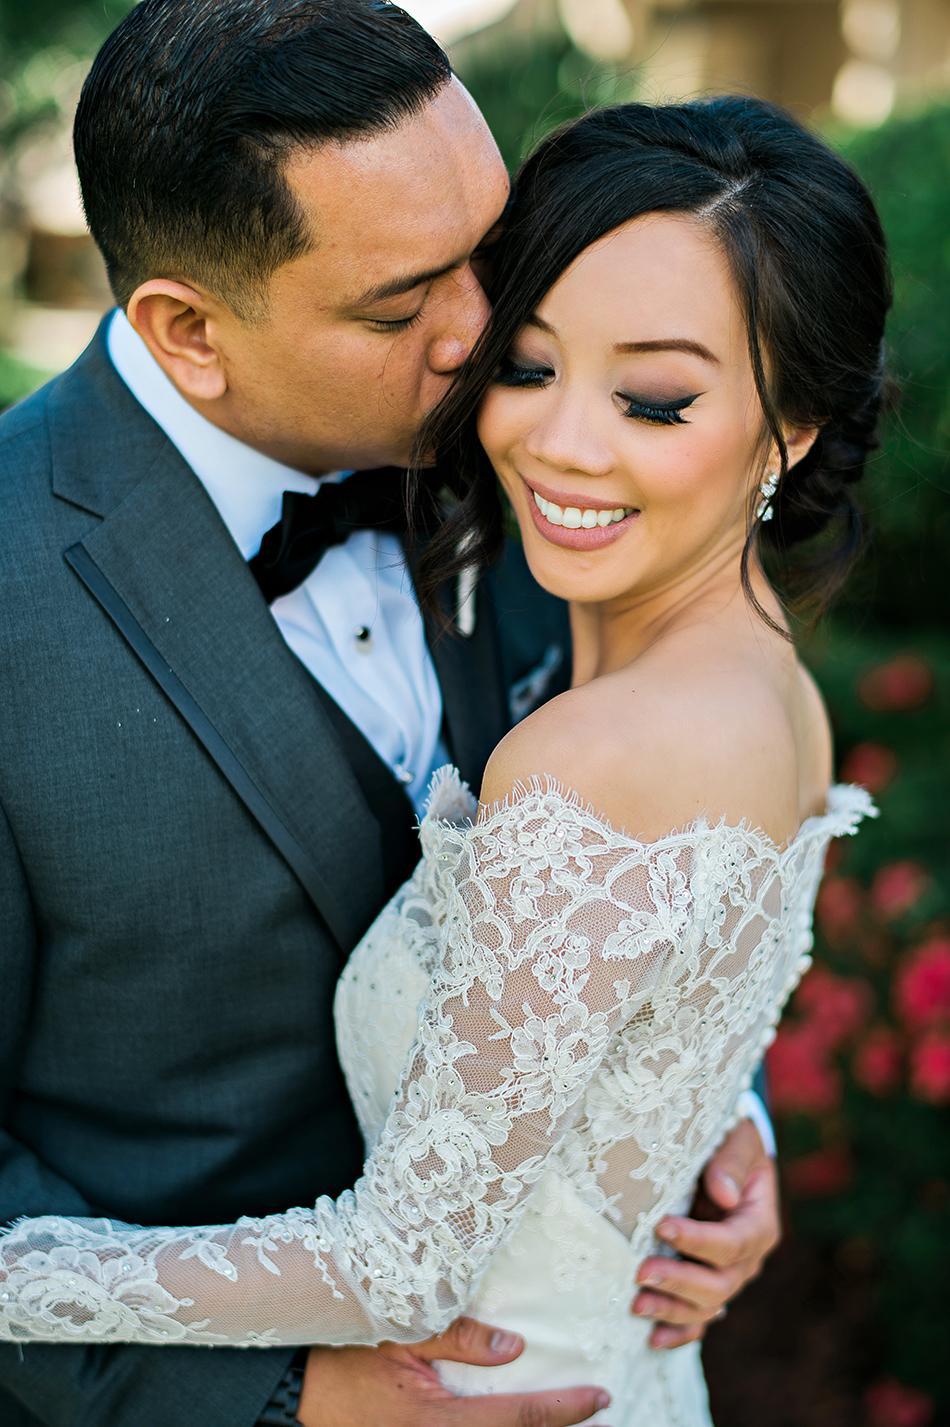 patricia lejeune wedding makeup